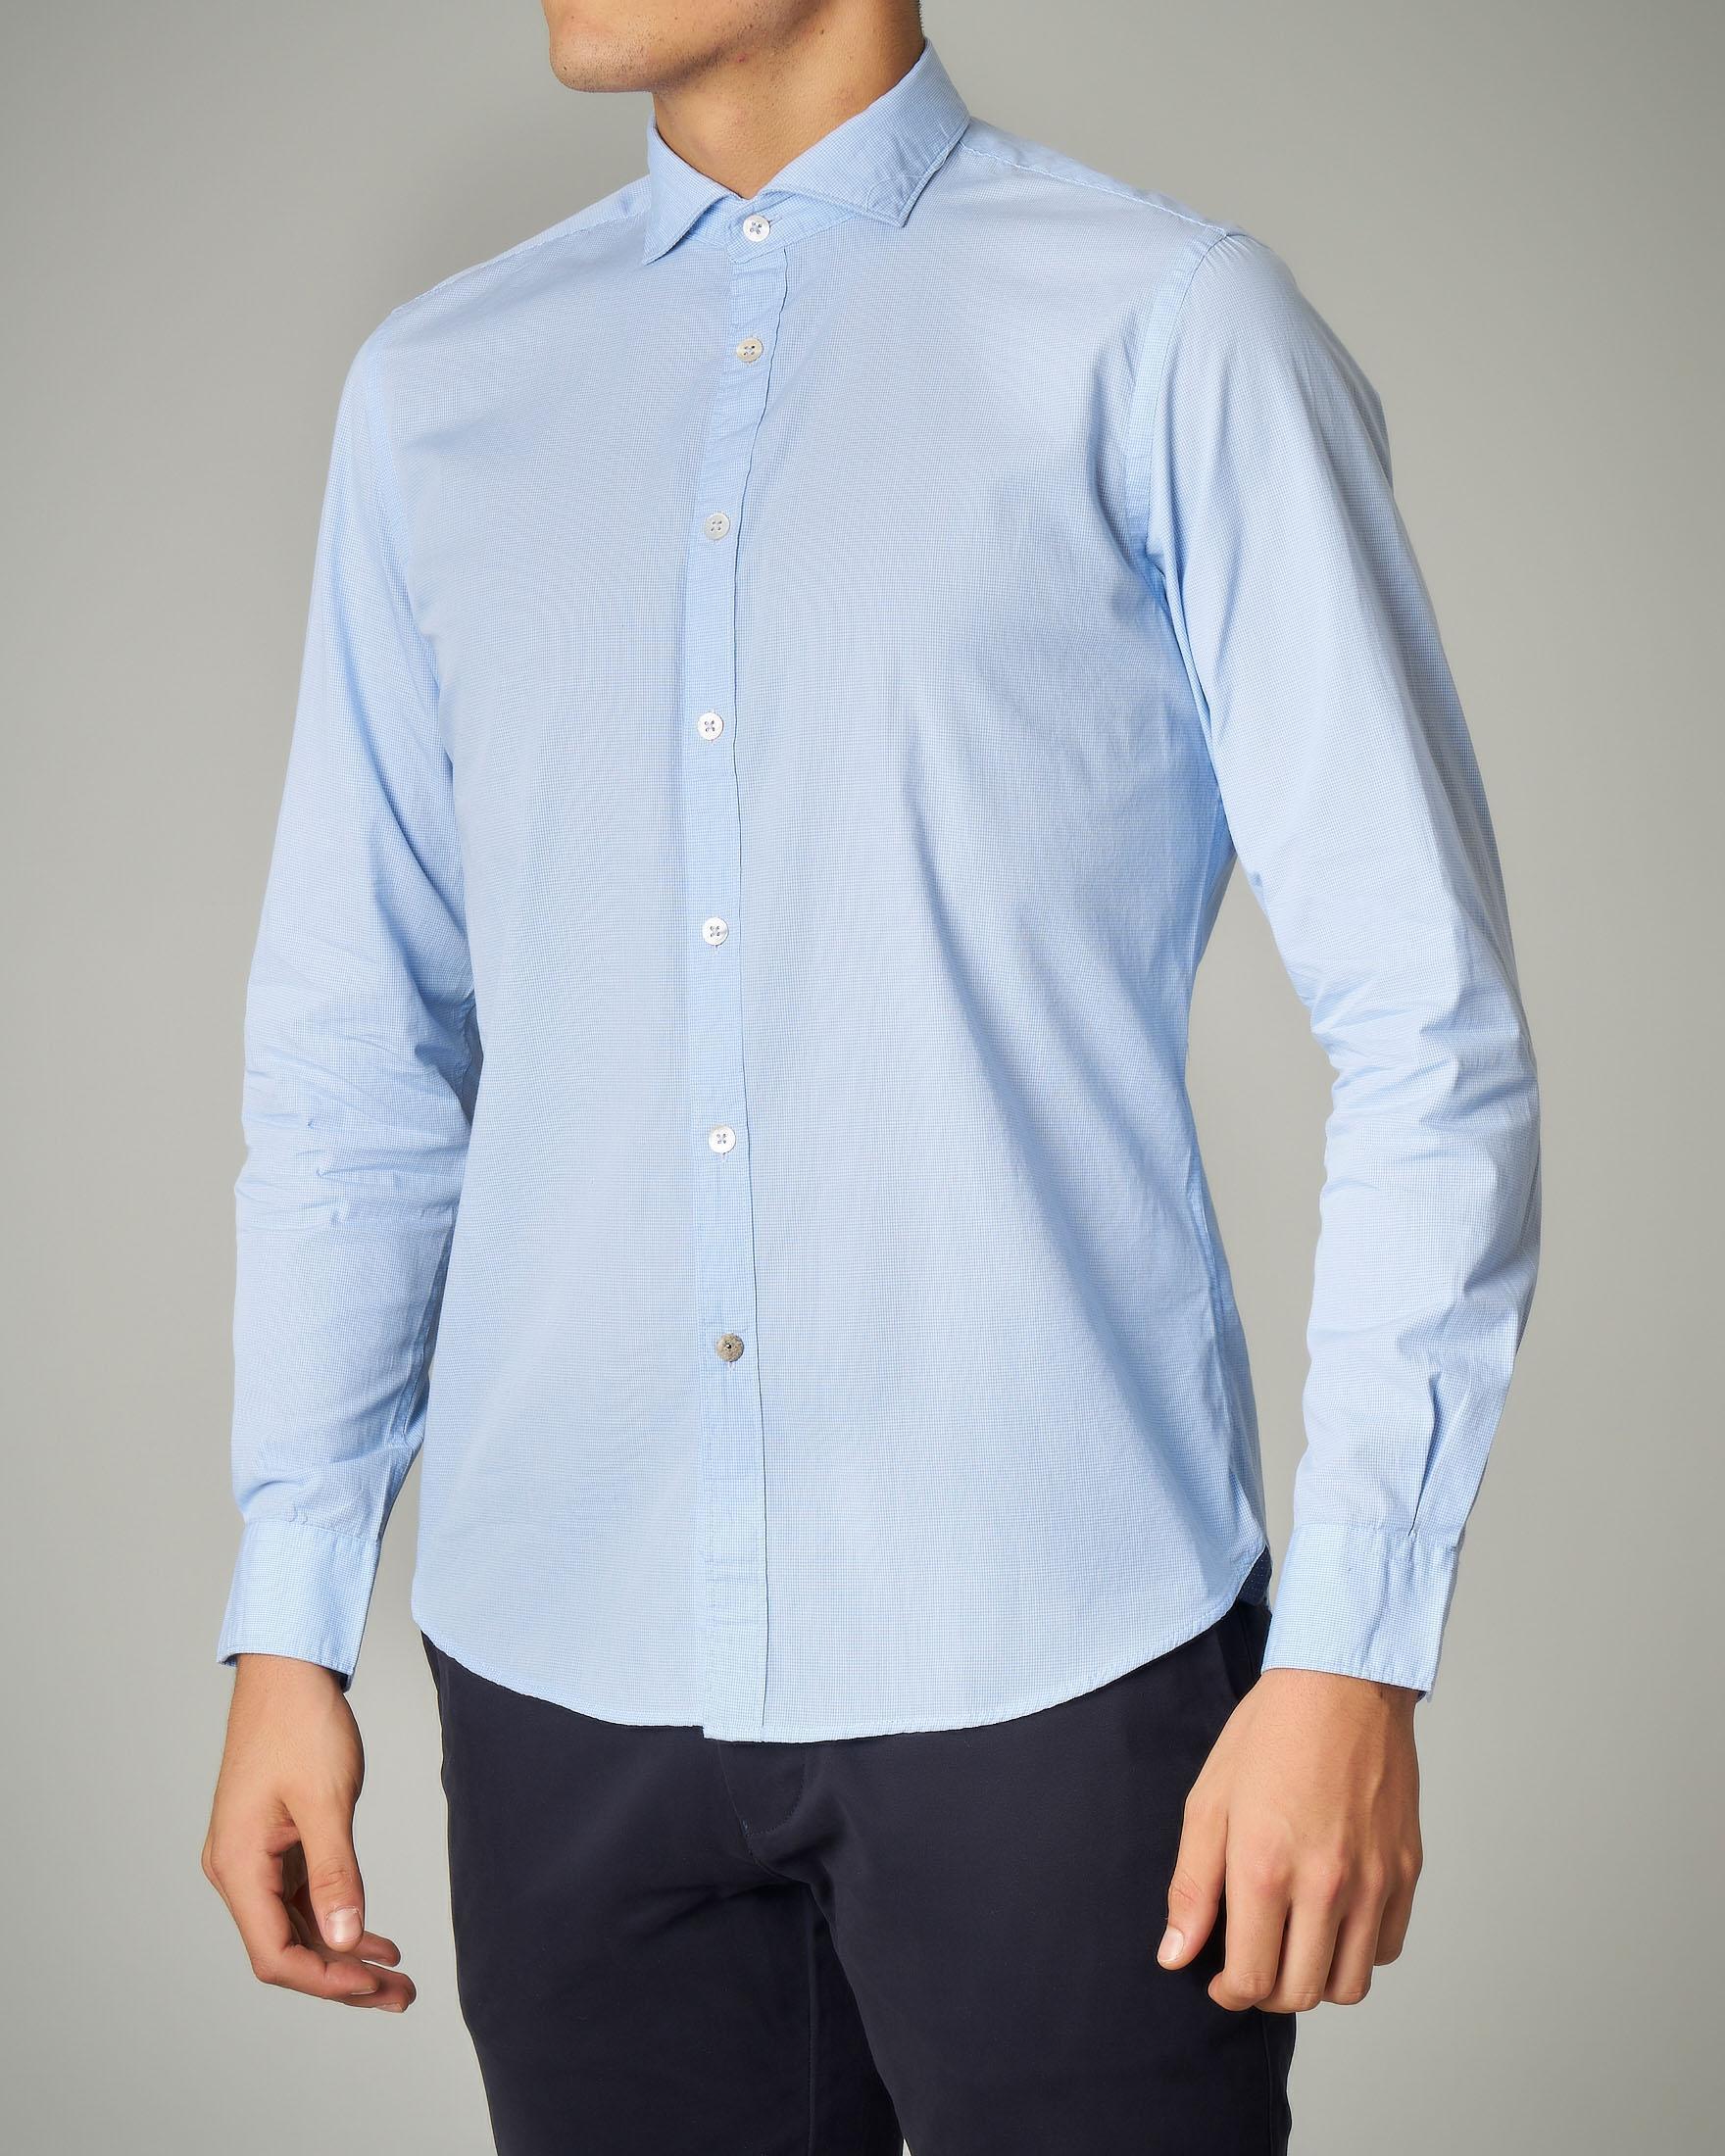 Camicia azzurra in tinta unita